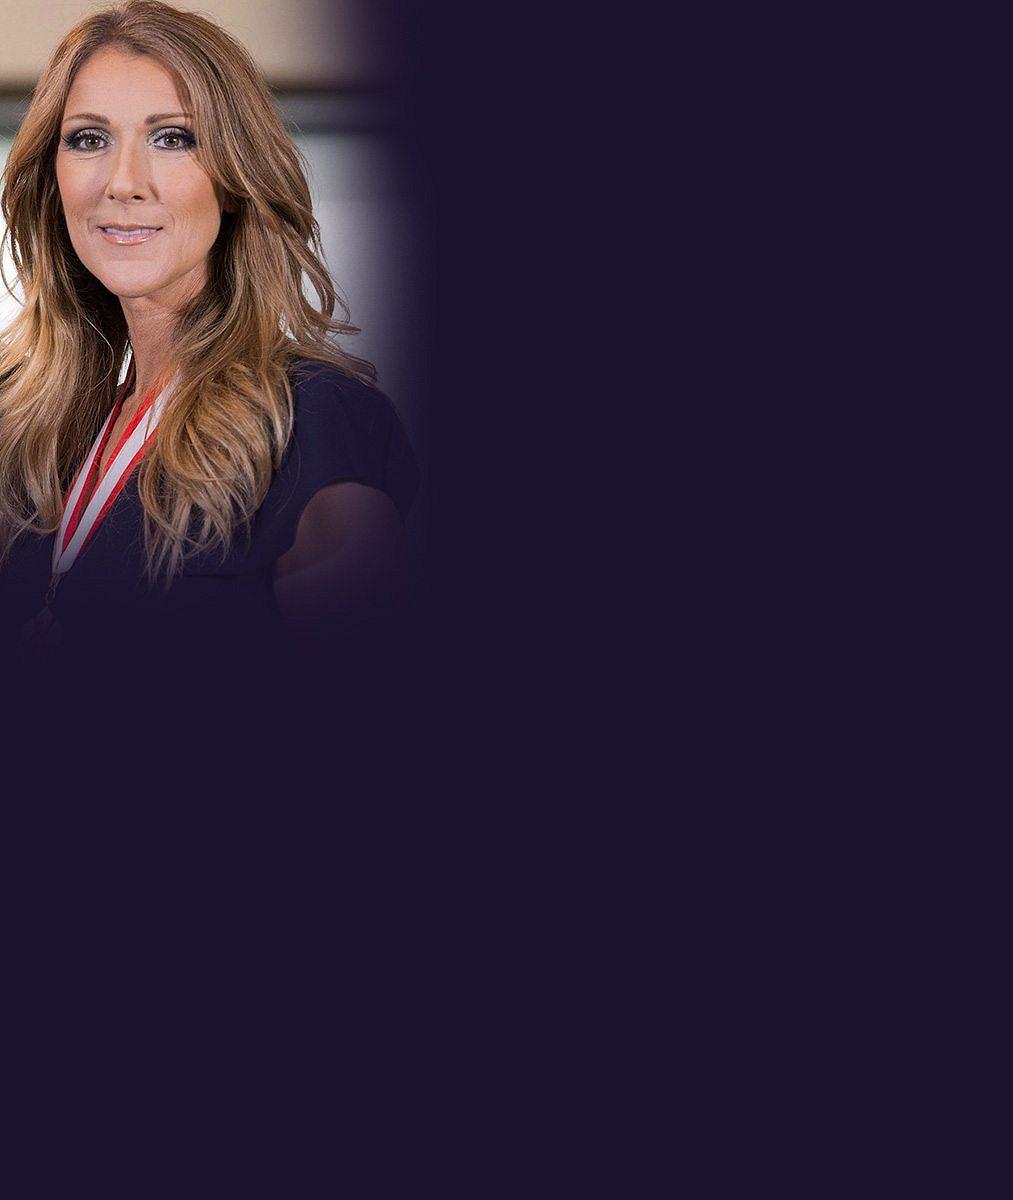 Celine Dion prodává sídlo stobogány, kde žila se zesnulým manželem. Cena sletěla dolů o738miliónů